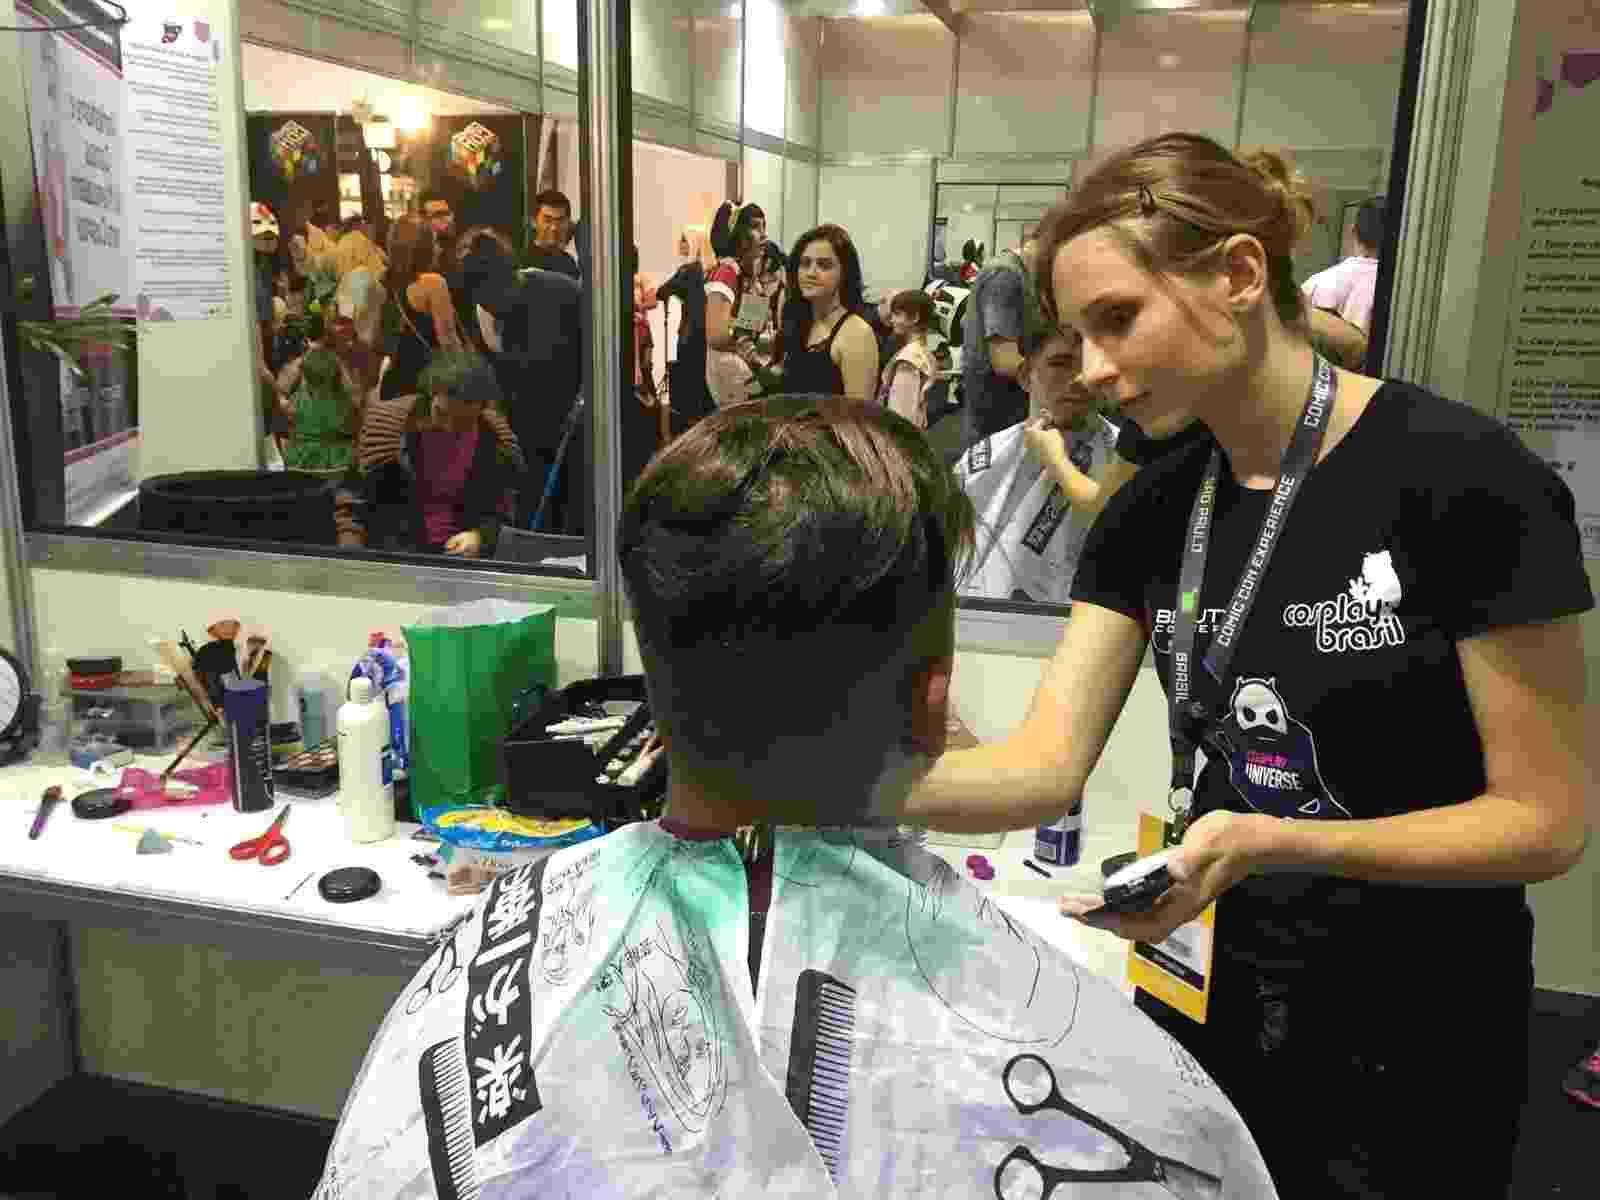 Camarim Cosplay oferece serviços de maquiagem, costura e limpeza para fãs que forem fantasiados à Comic Con - Felipe Branco Cruz/UOL